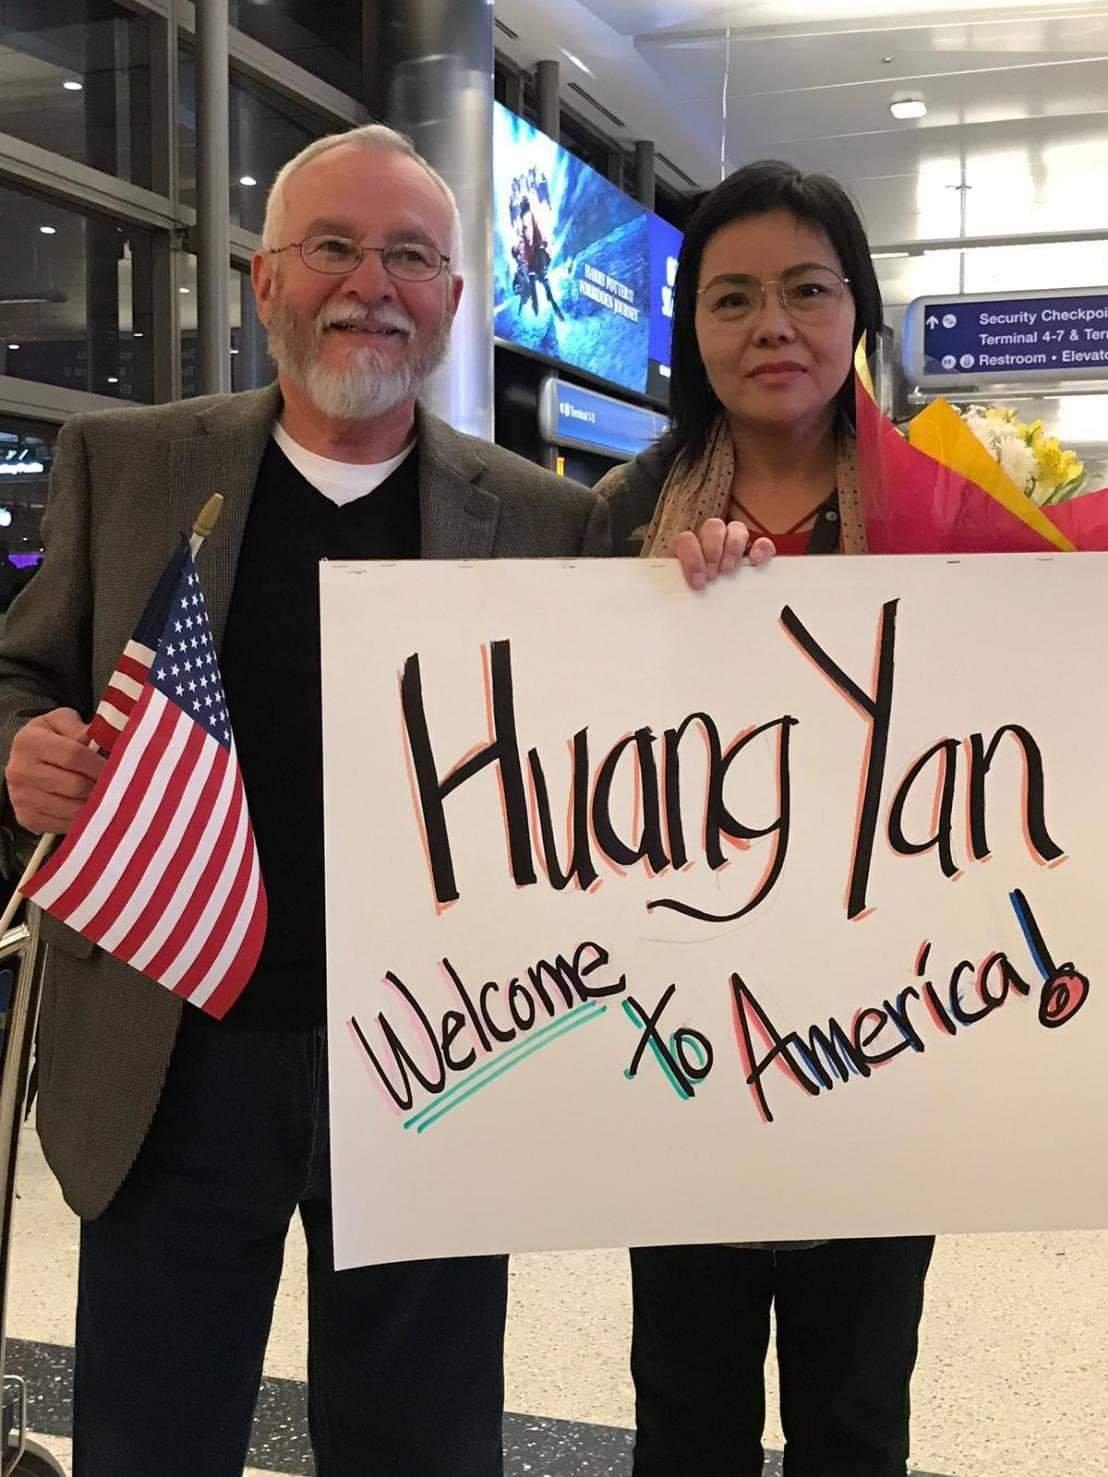 在台停留八個月  中國維權人士黃燕今平安抵美